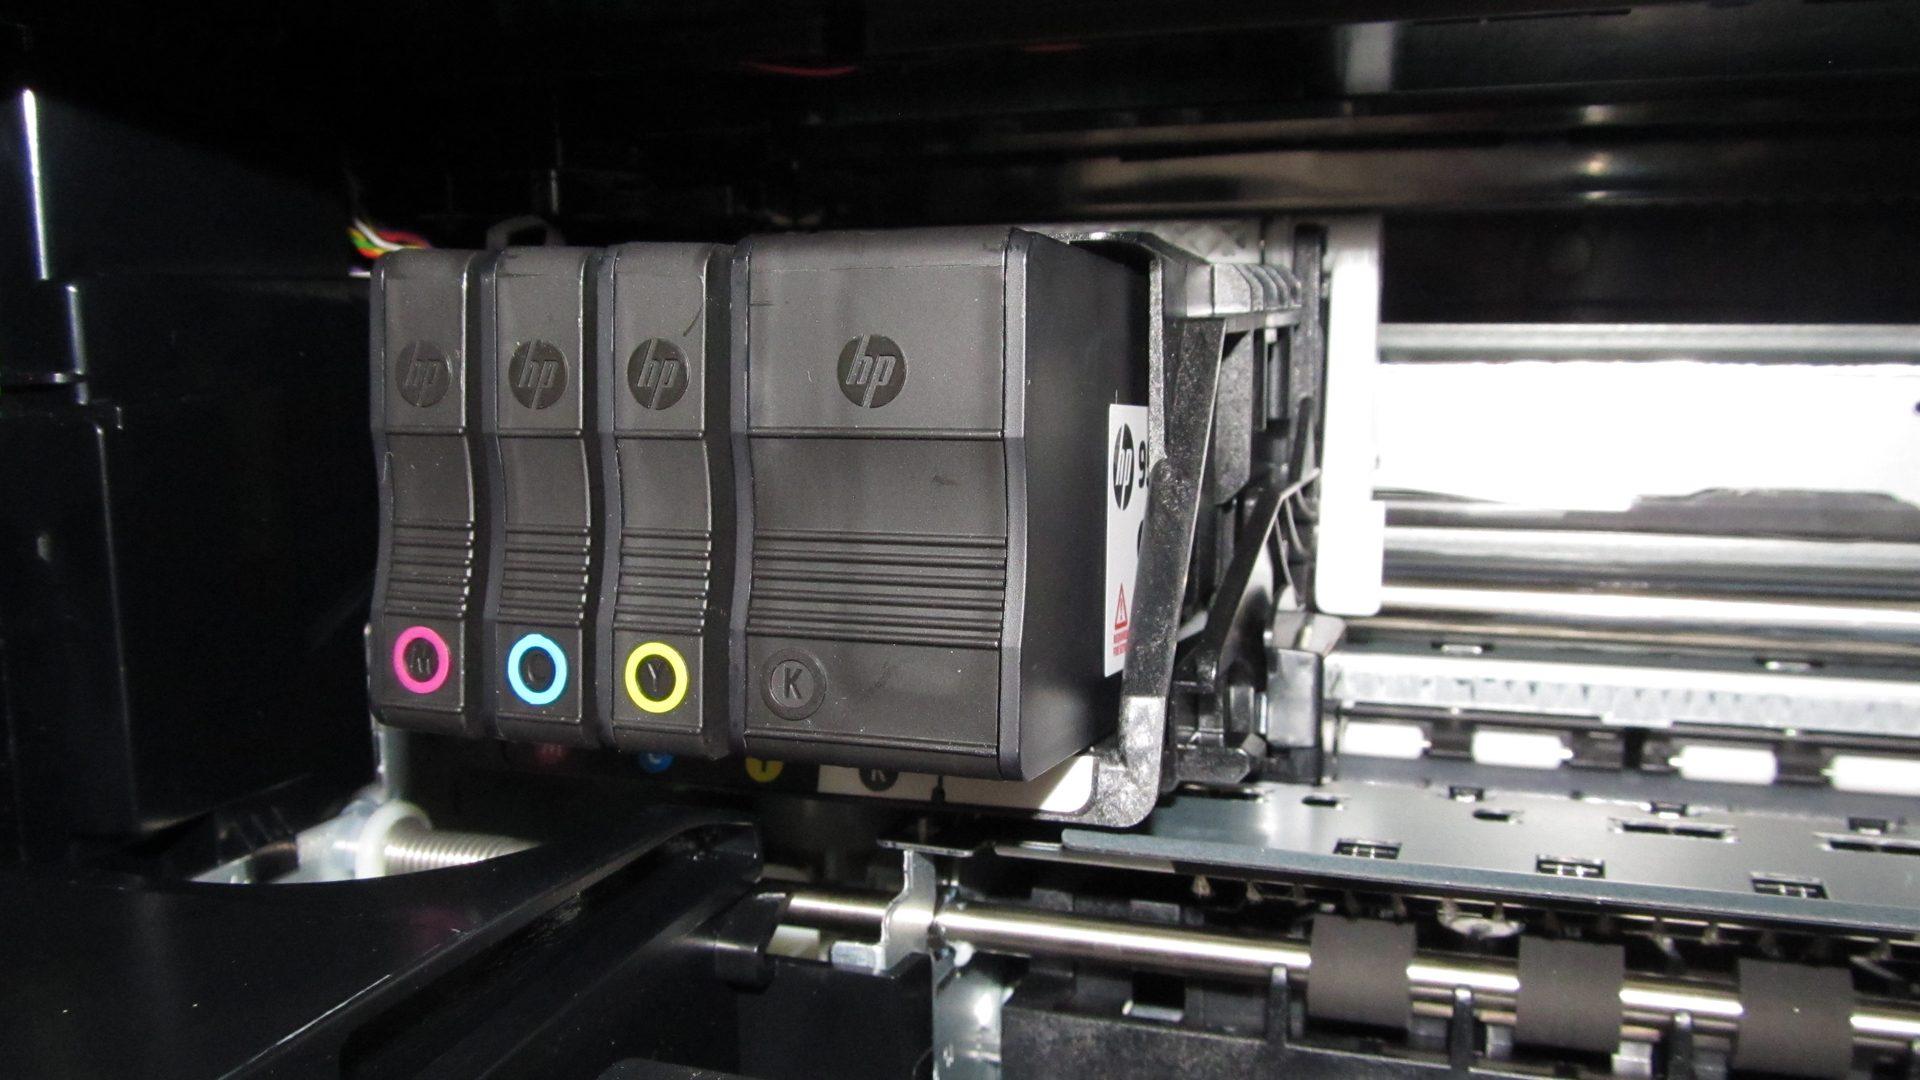 HP-Officejet-Pro-8620—Patronenfach-befuellt